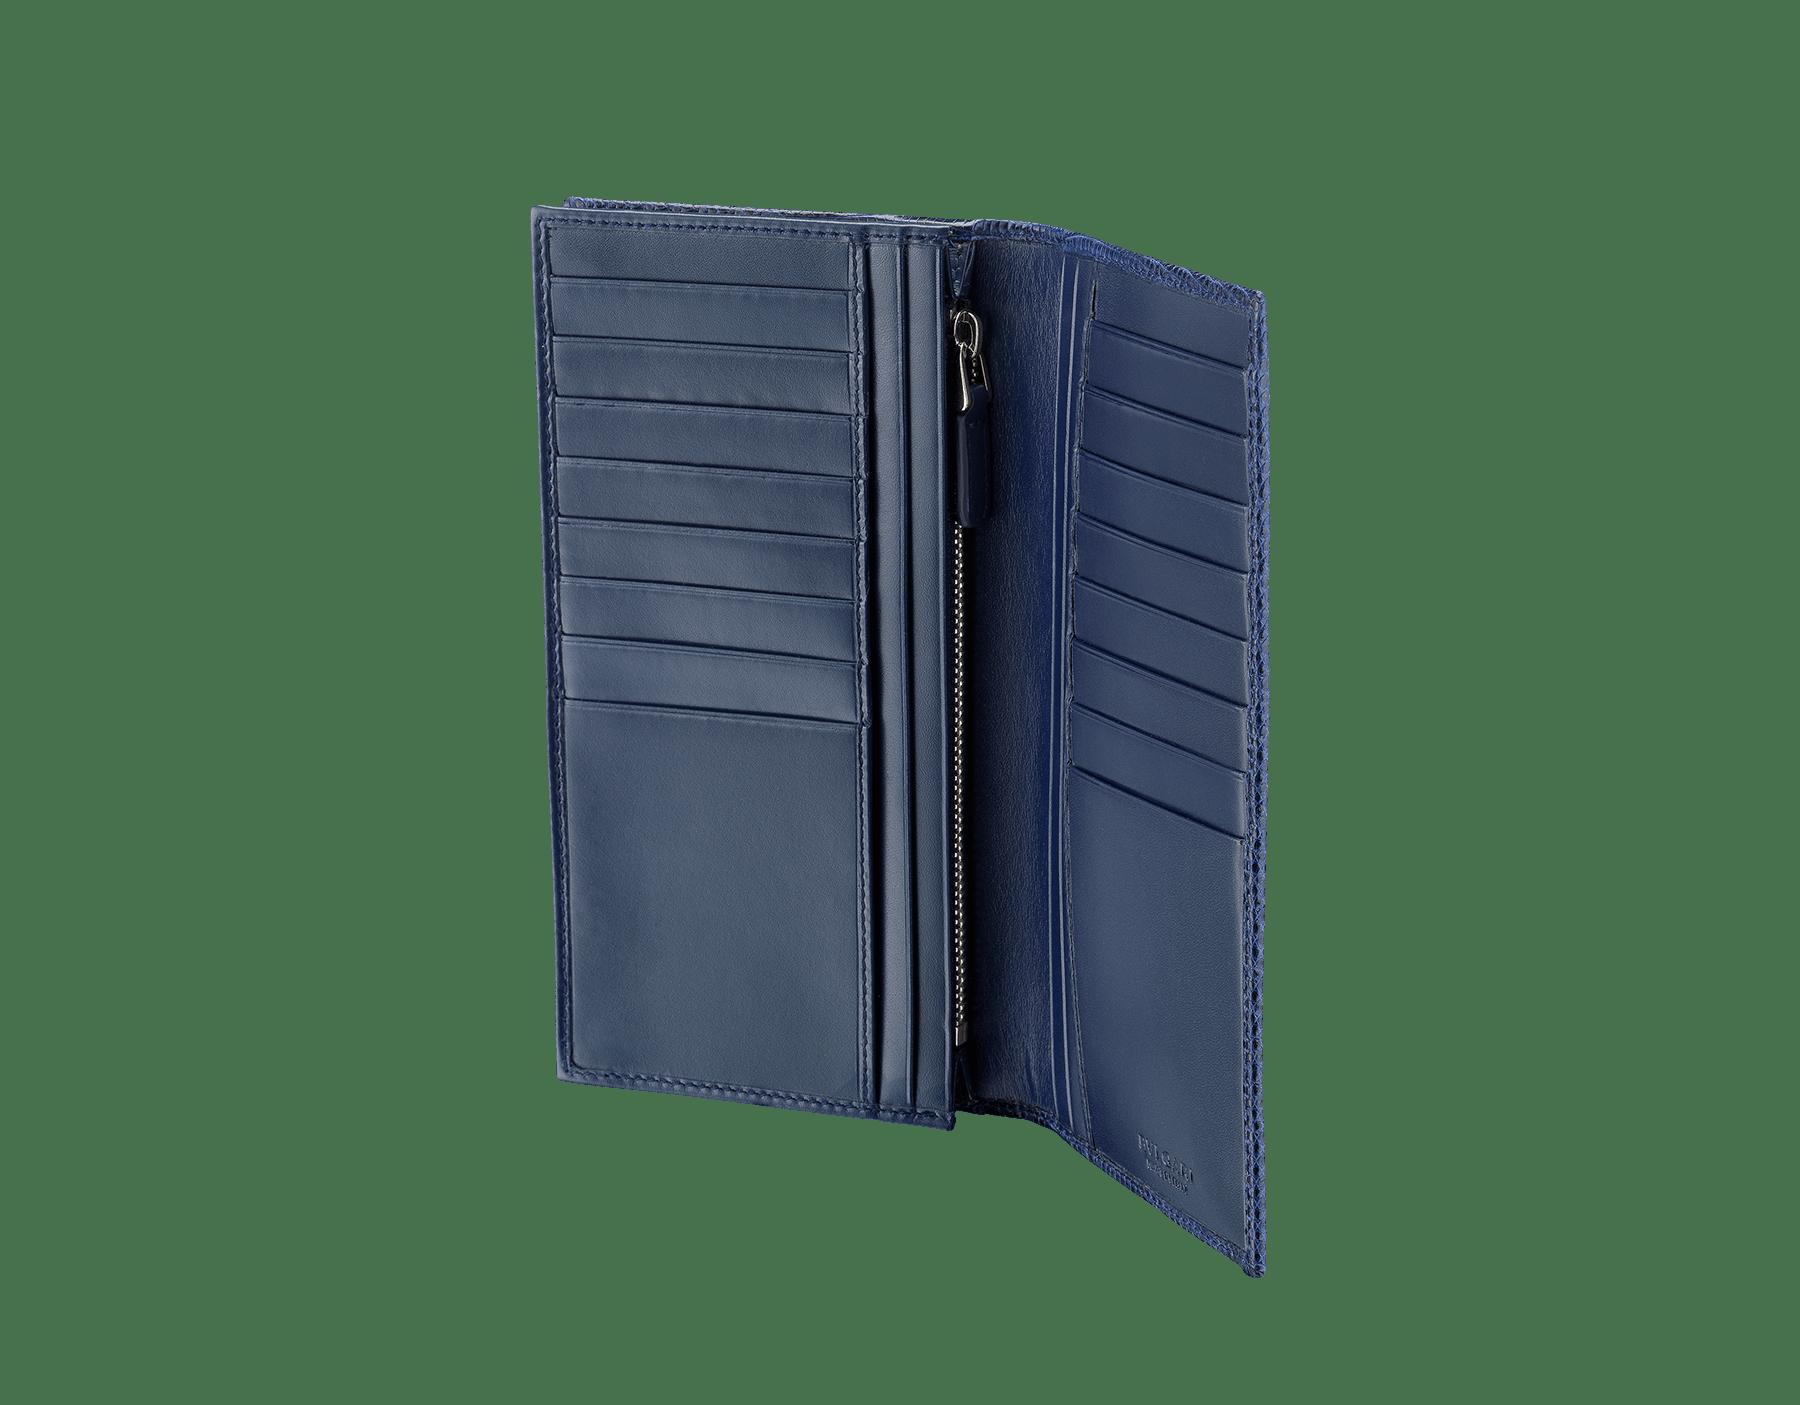 デニムサファイアのシャイニーリザードスキンとカーフレザー製の財布。ブラスパラジウムプレートの金具とアイコニックな「ブルガリ・ブルガリ」モチーフ。 284399 image 2